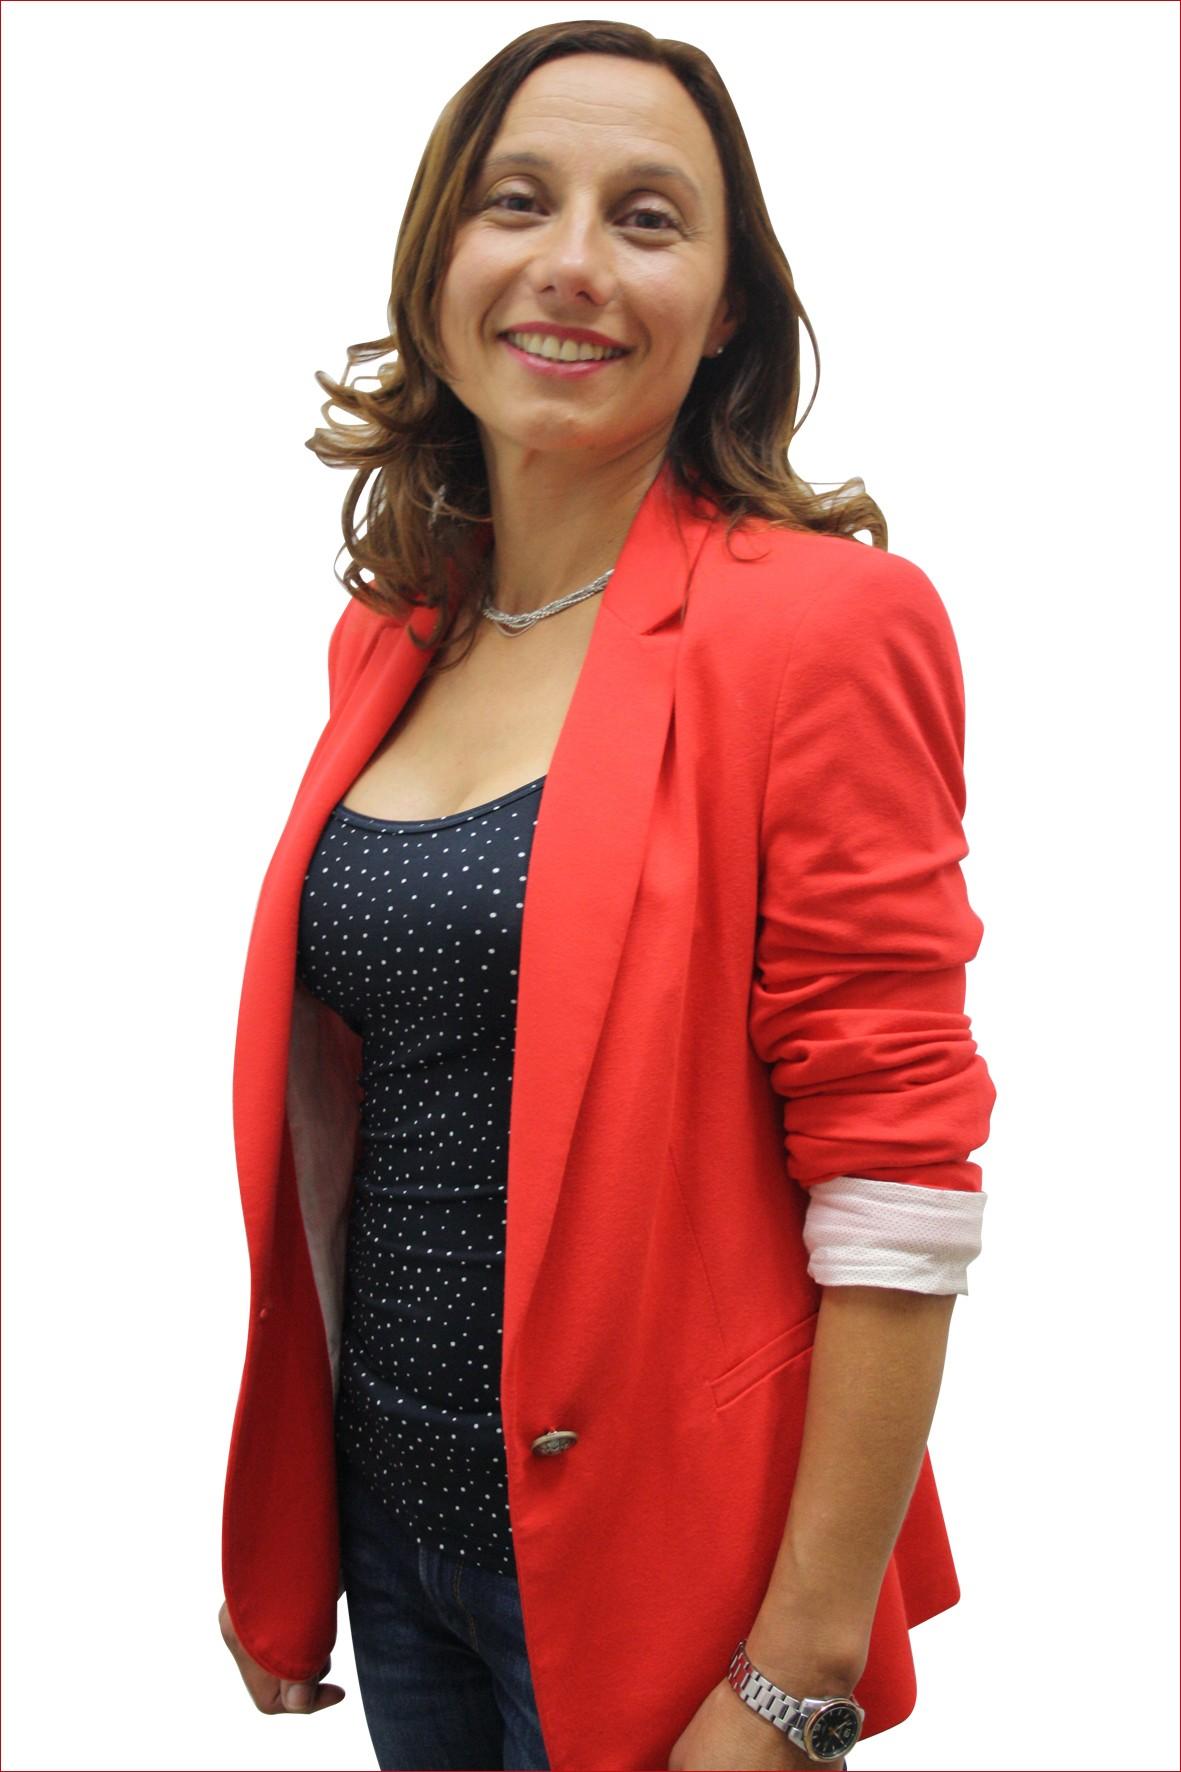 Julie Lefevre